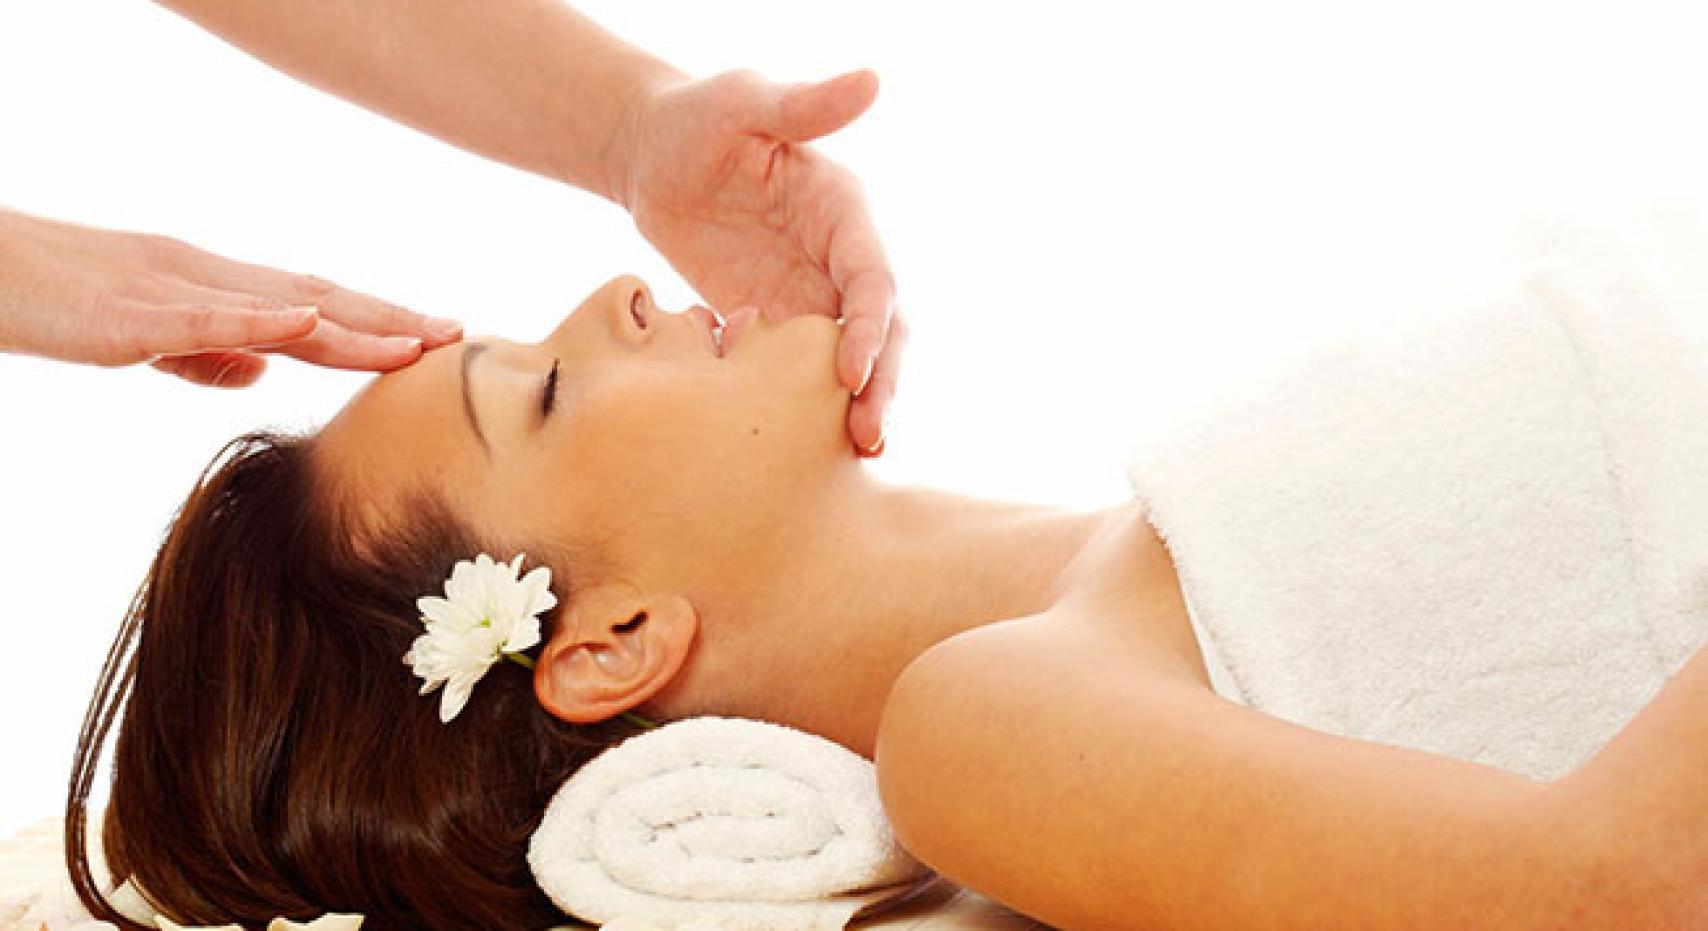 Массаж кожи лица: виды и преимущества процедуры